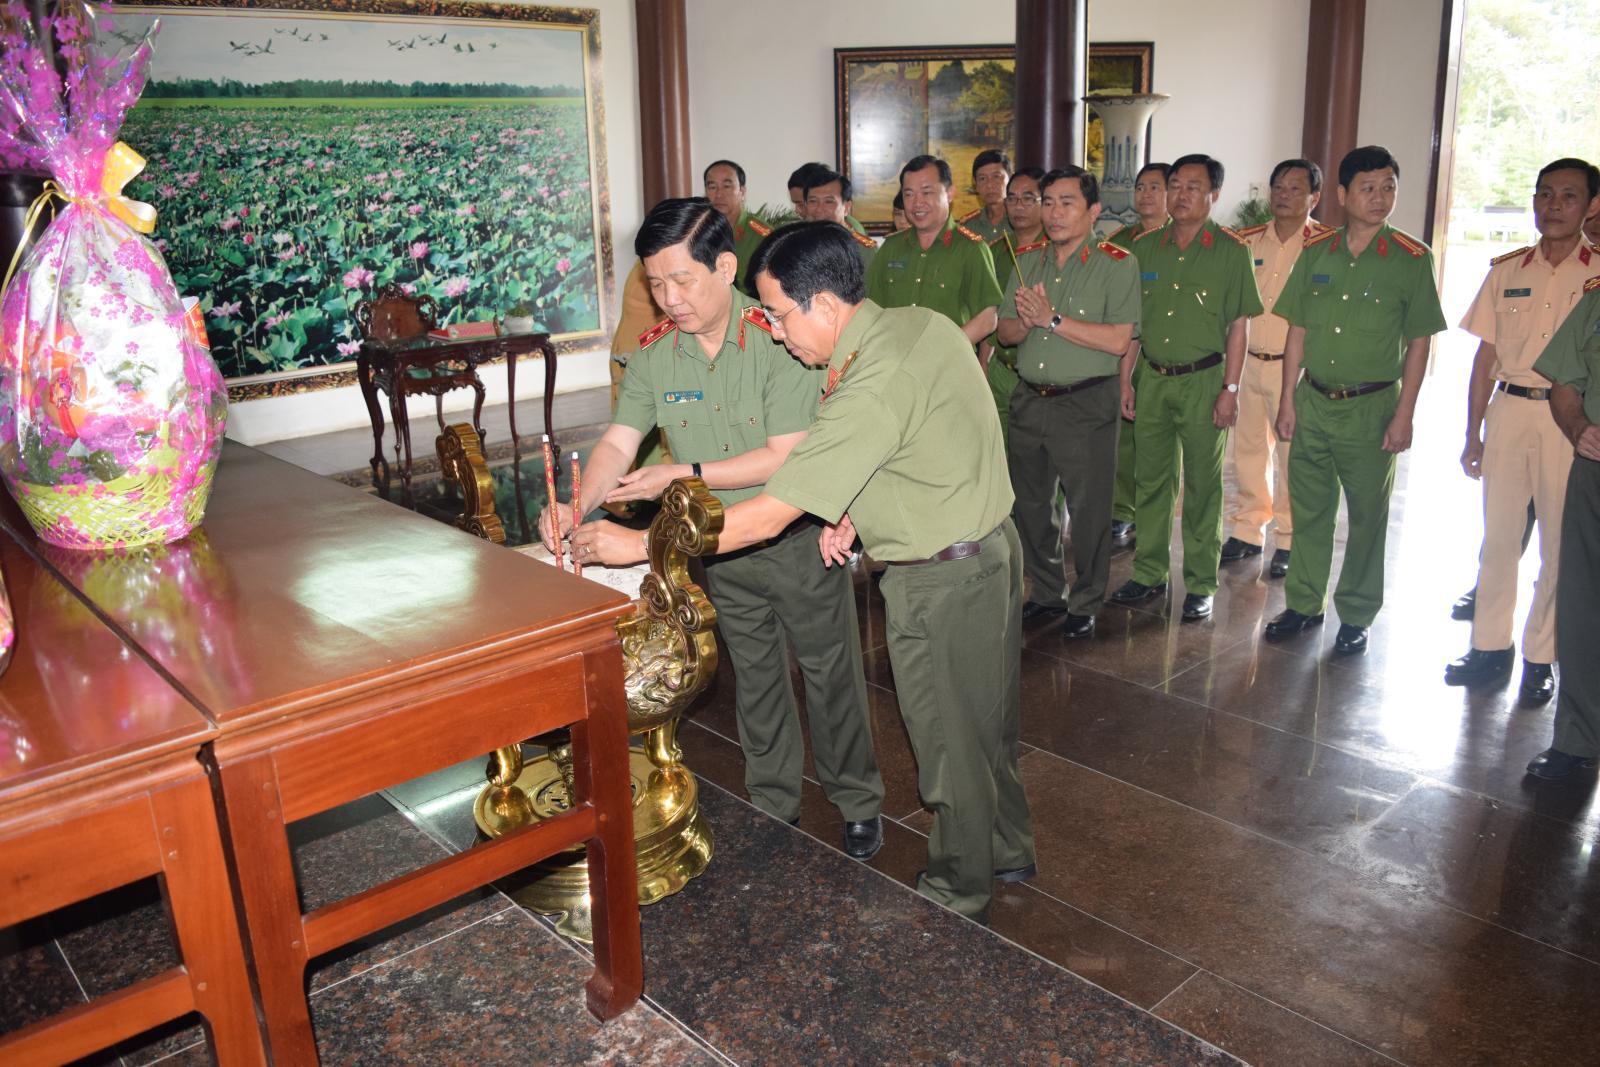 Trung tướng Nguyễn Văn Sơn - Thứ trưởng Bộ Công an viếng mộ cụ Phó bảng Nguyễn Sinh Sắc